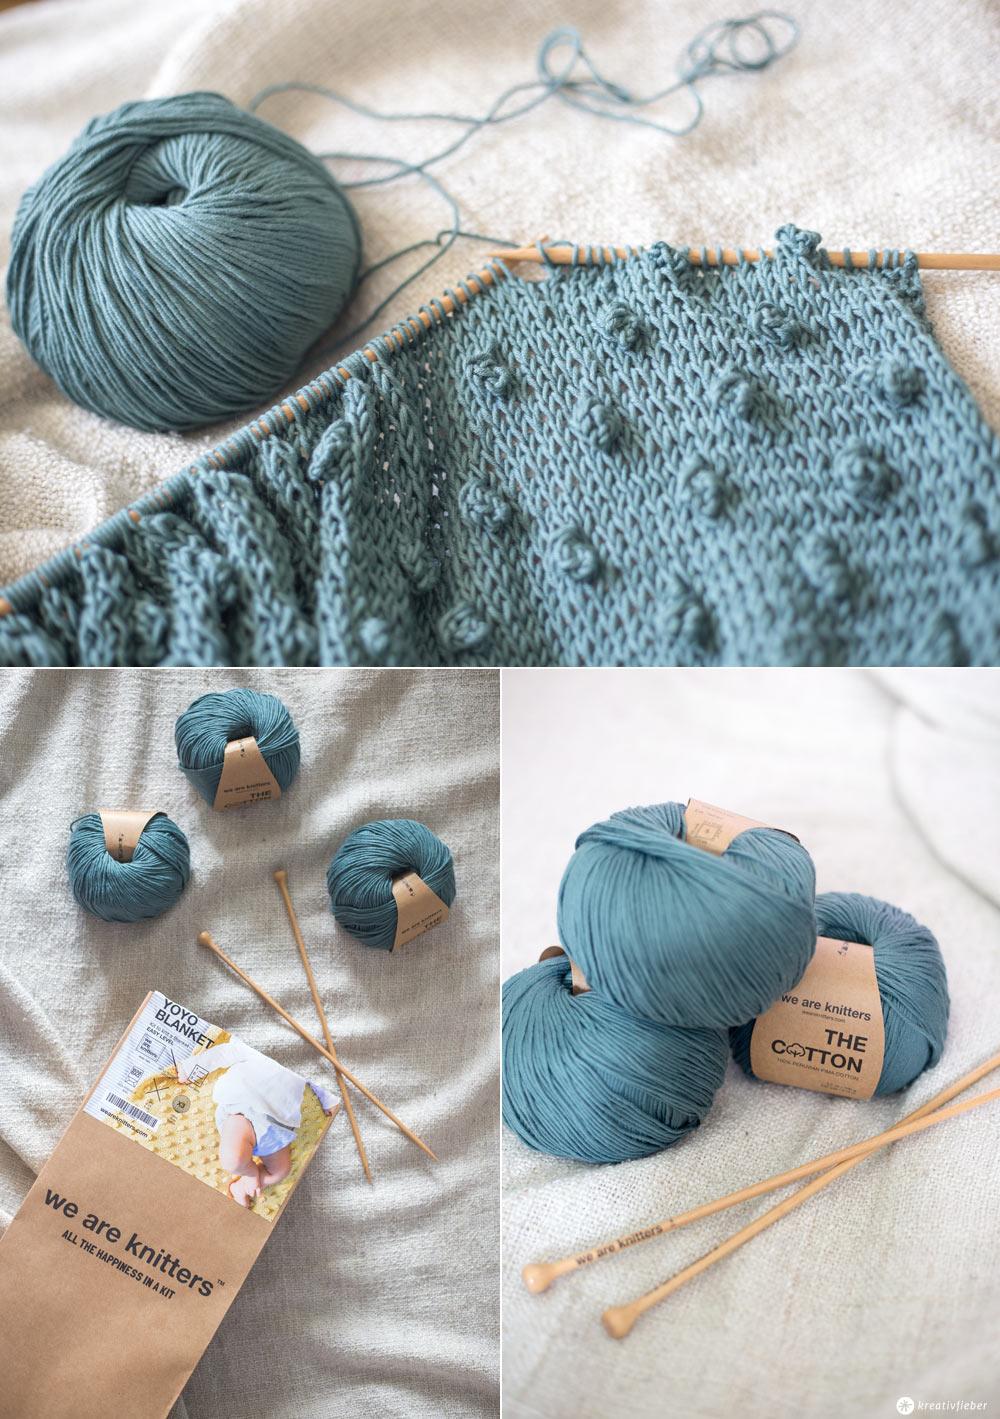 DIY Babydecke mit Knötchen stricken - YoYo Blanket weareknitters - Wie strickt man ein Knötchen - Anleitung auf Kreativfieber